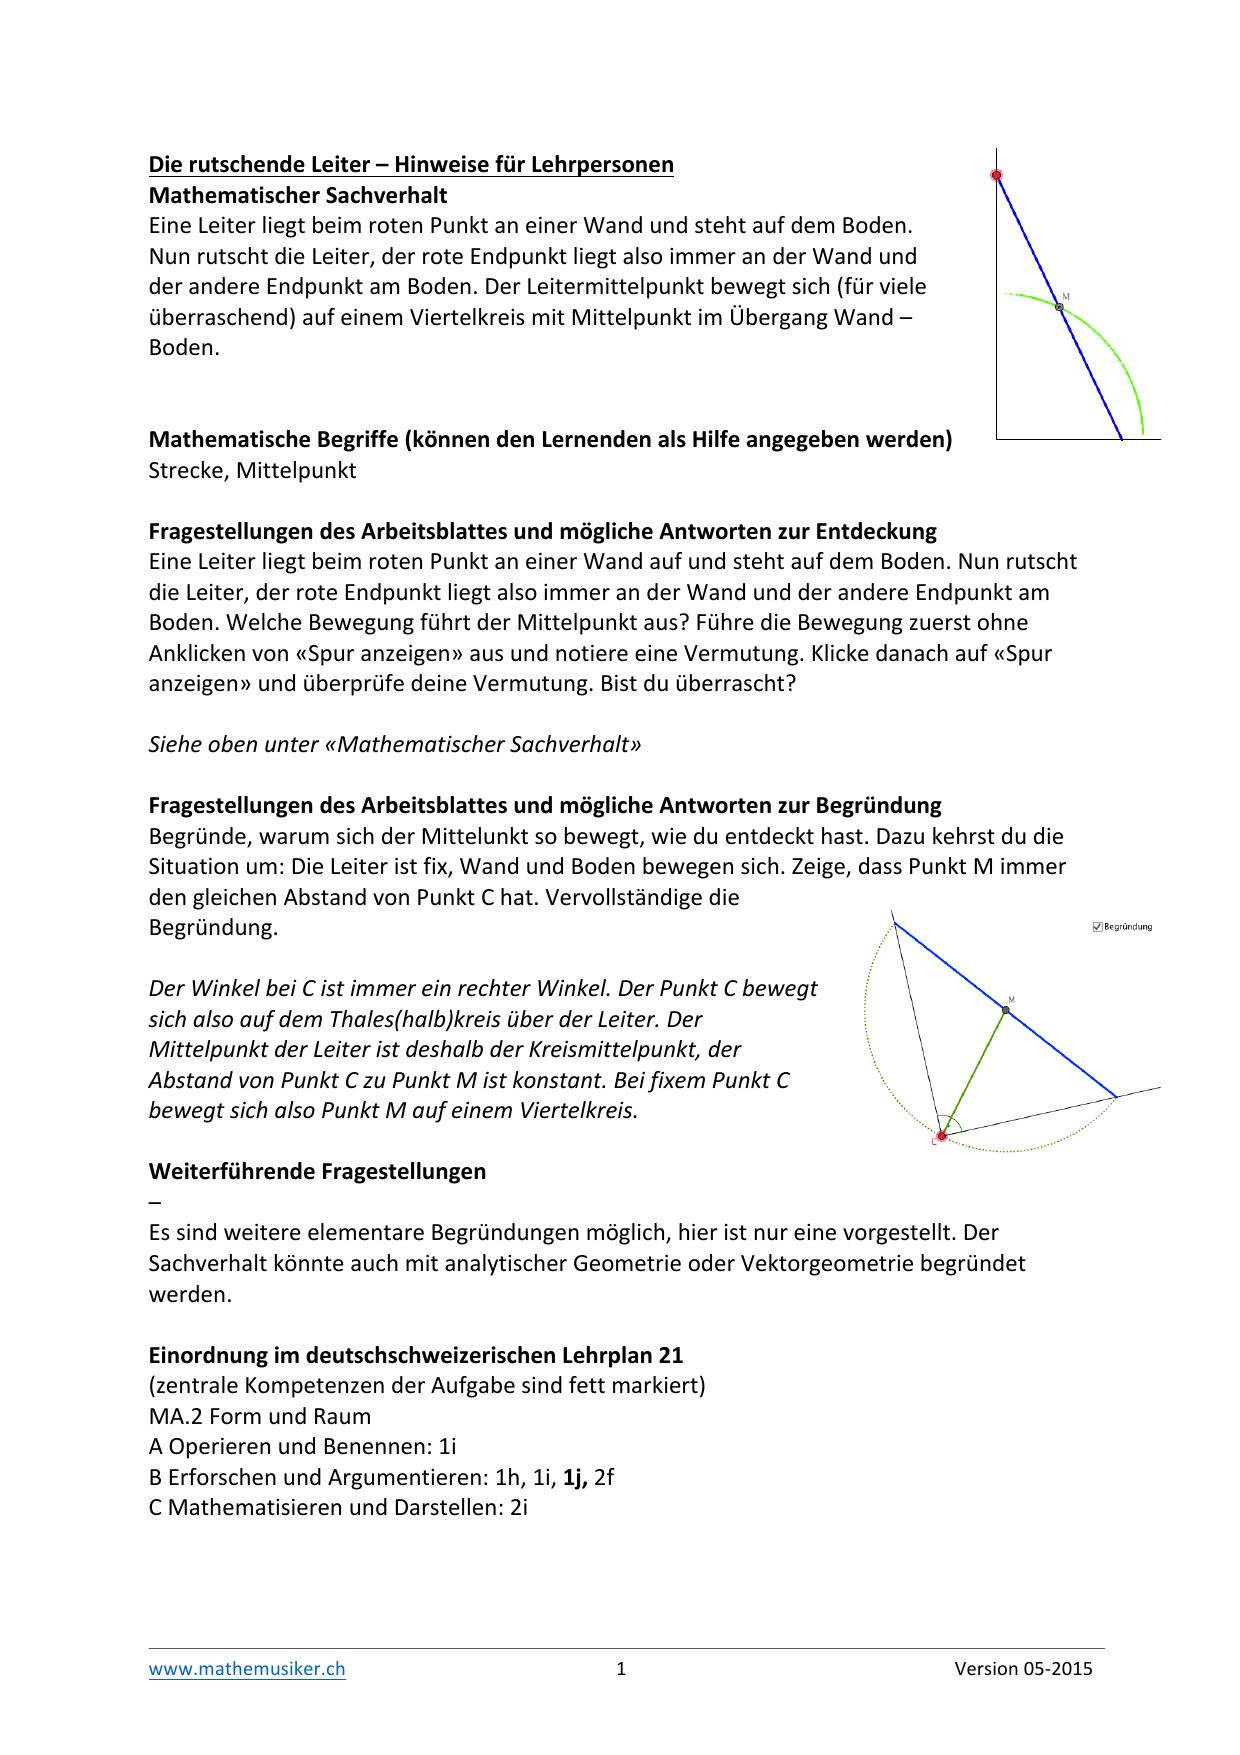 Großzügig Die Abstandsformel Arbeitsblatt Antworten Ideen - Mathe ...